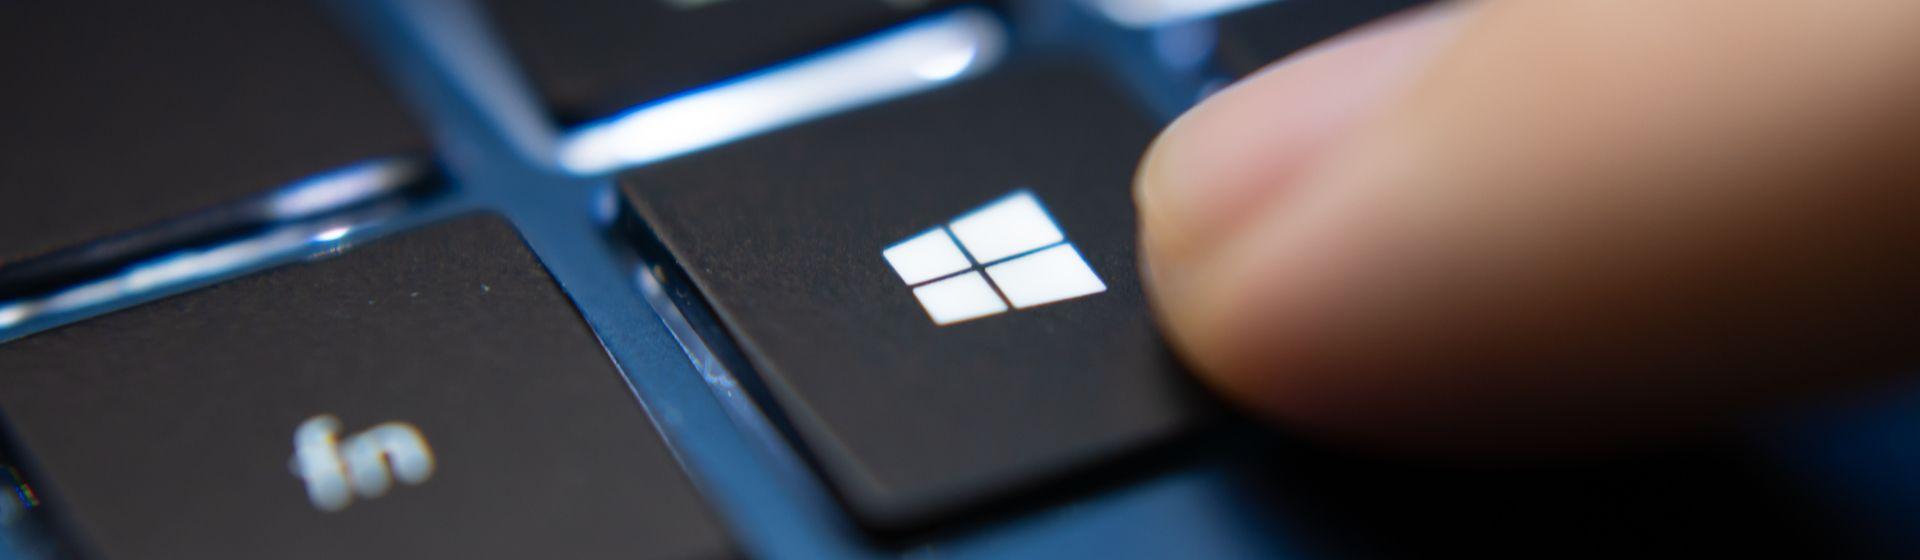 Como atualizar drivers do PC ou notebook? Aprenda no tutorial